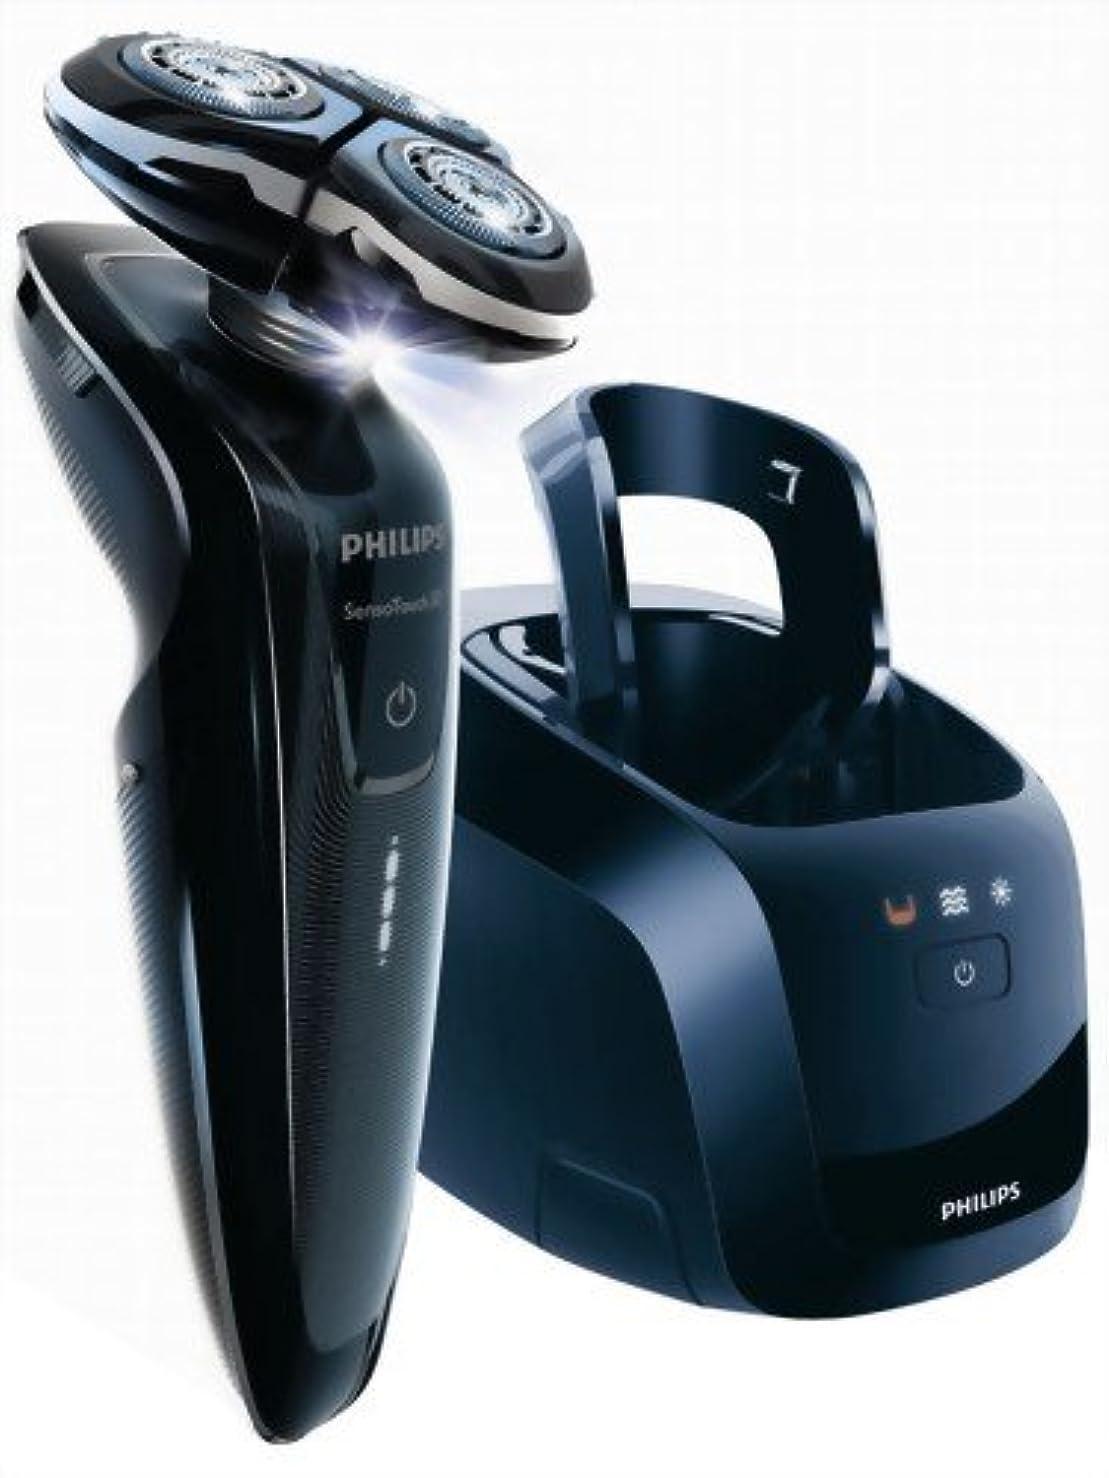 体細胞アーチ写真のPHILIPS 3Dシェーバー【洗浄充電器付】センソタッチ3D RQ1250CC